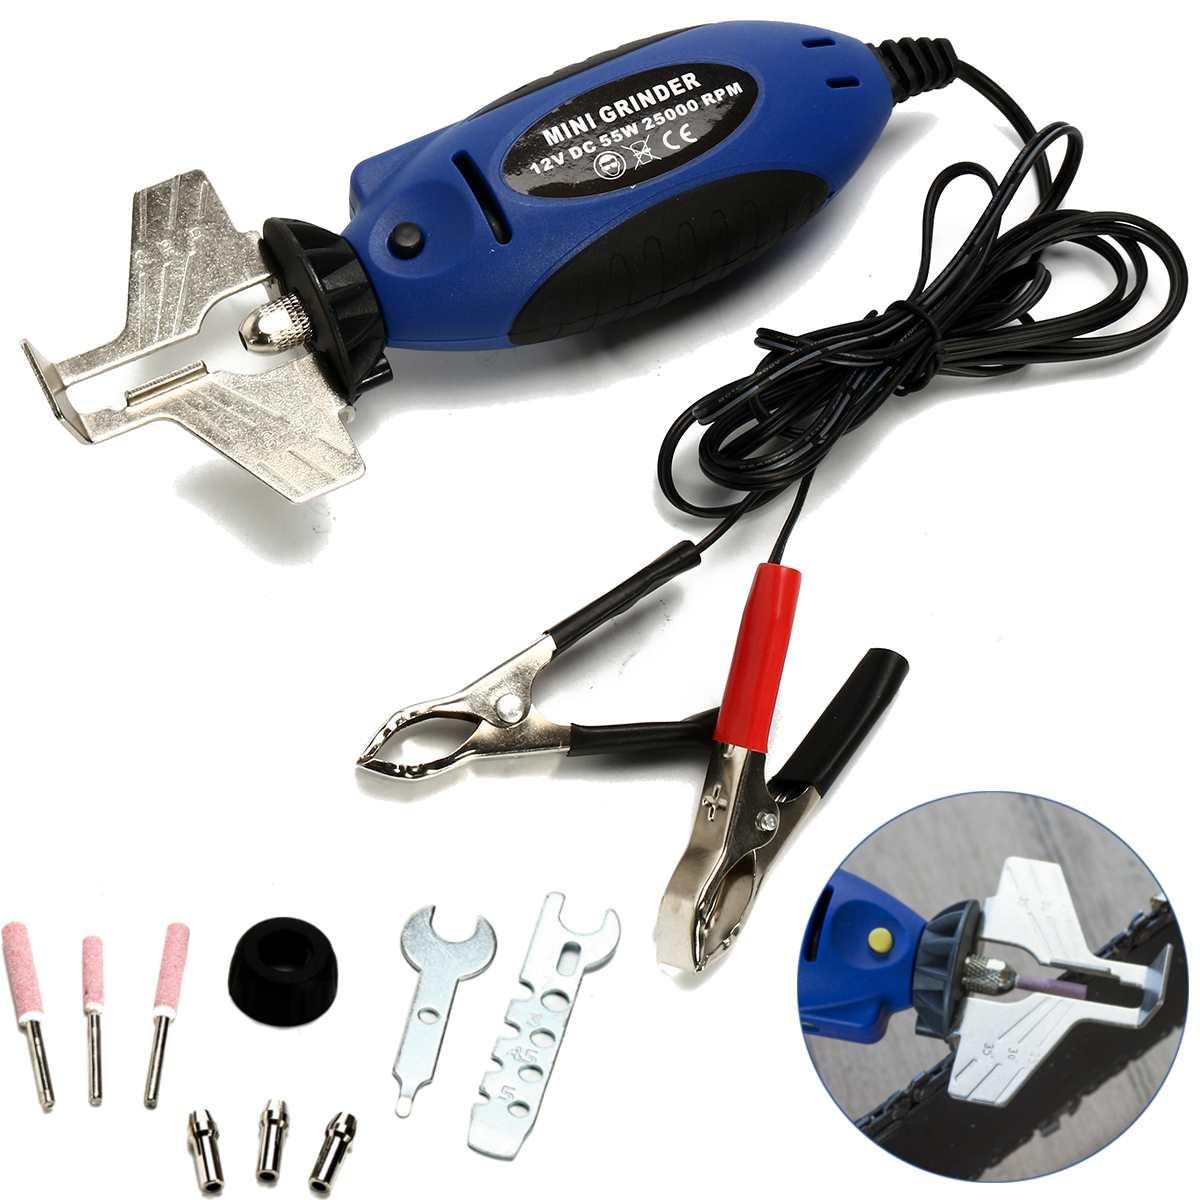 12 V Kettensäge Schleifen Maschine Spitzer Kettensäge Elektrische Mini Handheld Mühle Datei Fräsen Maschine Blau